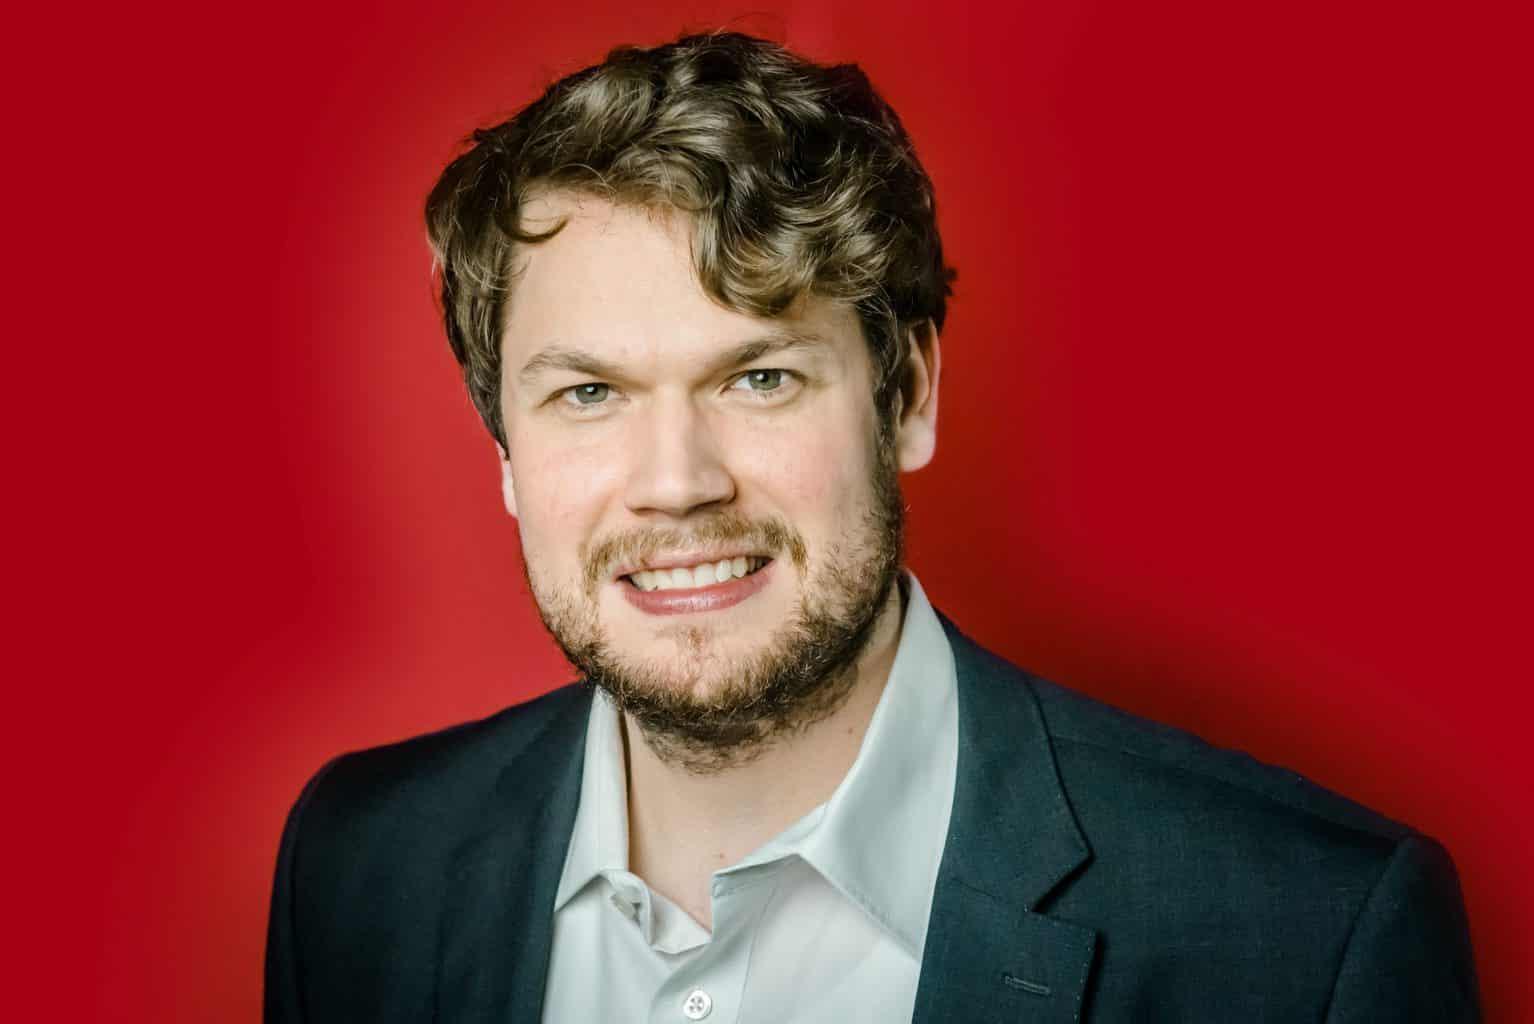 Christopher Hagenacker